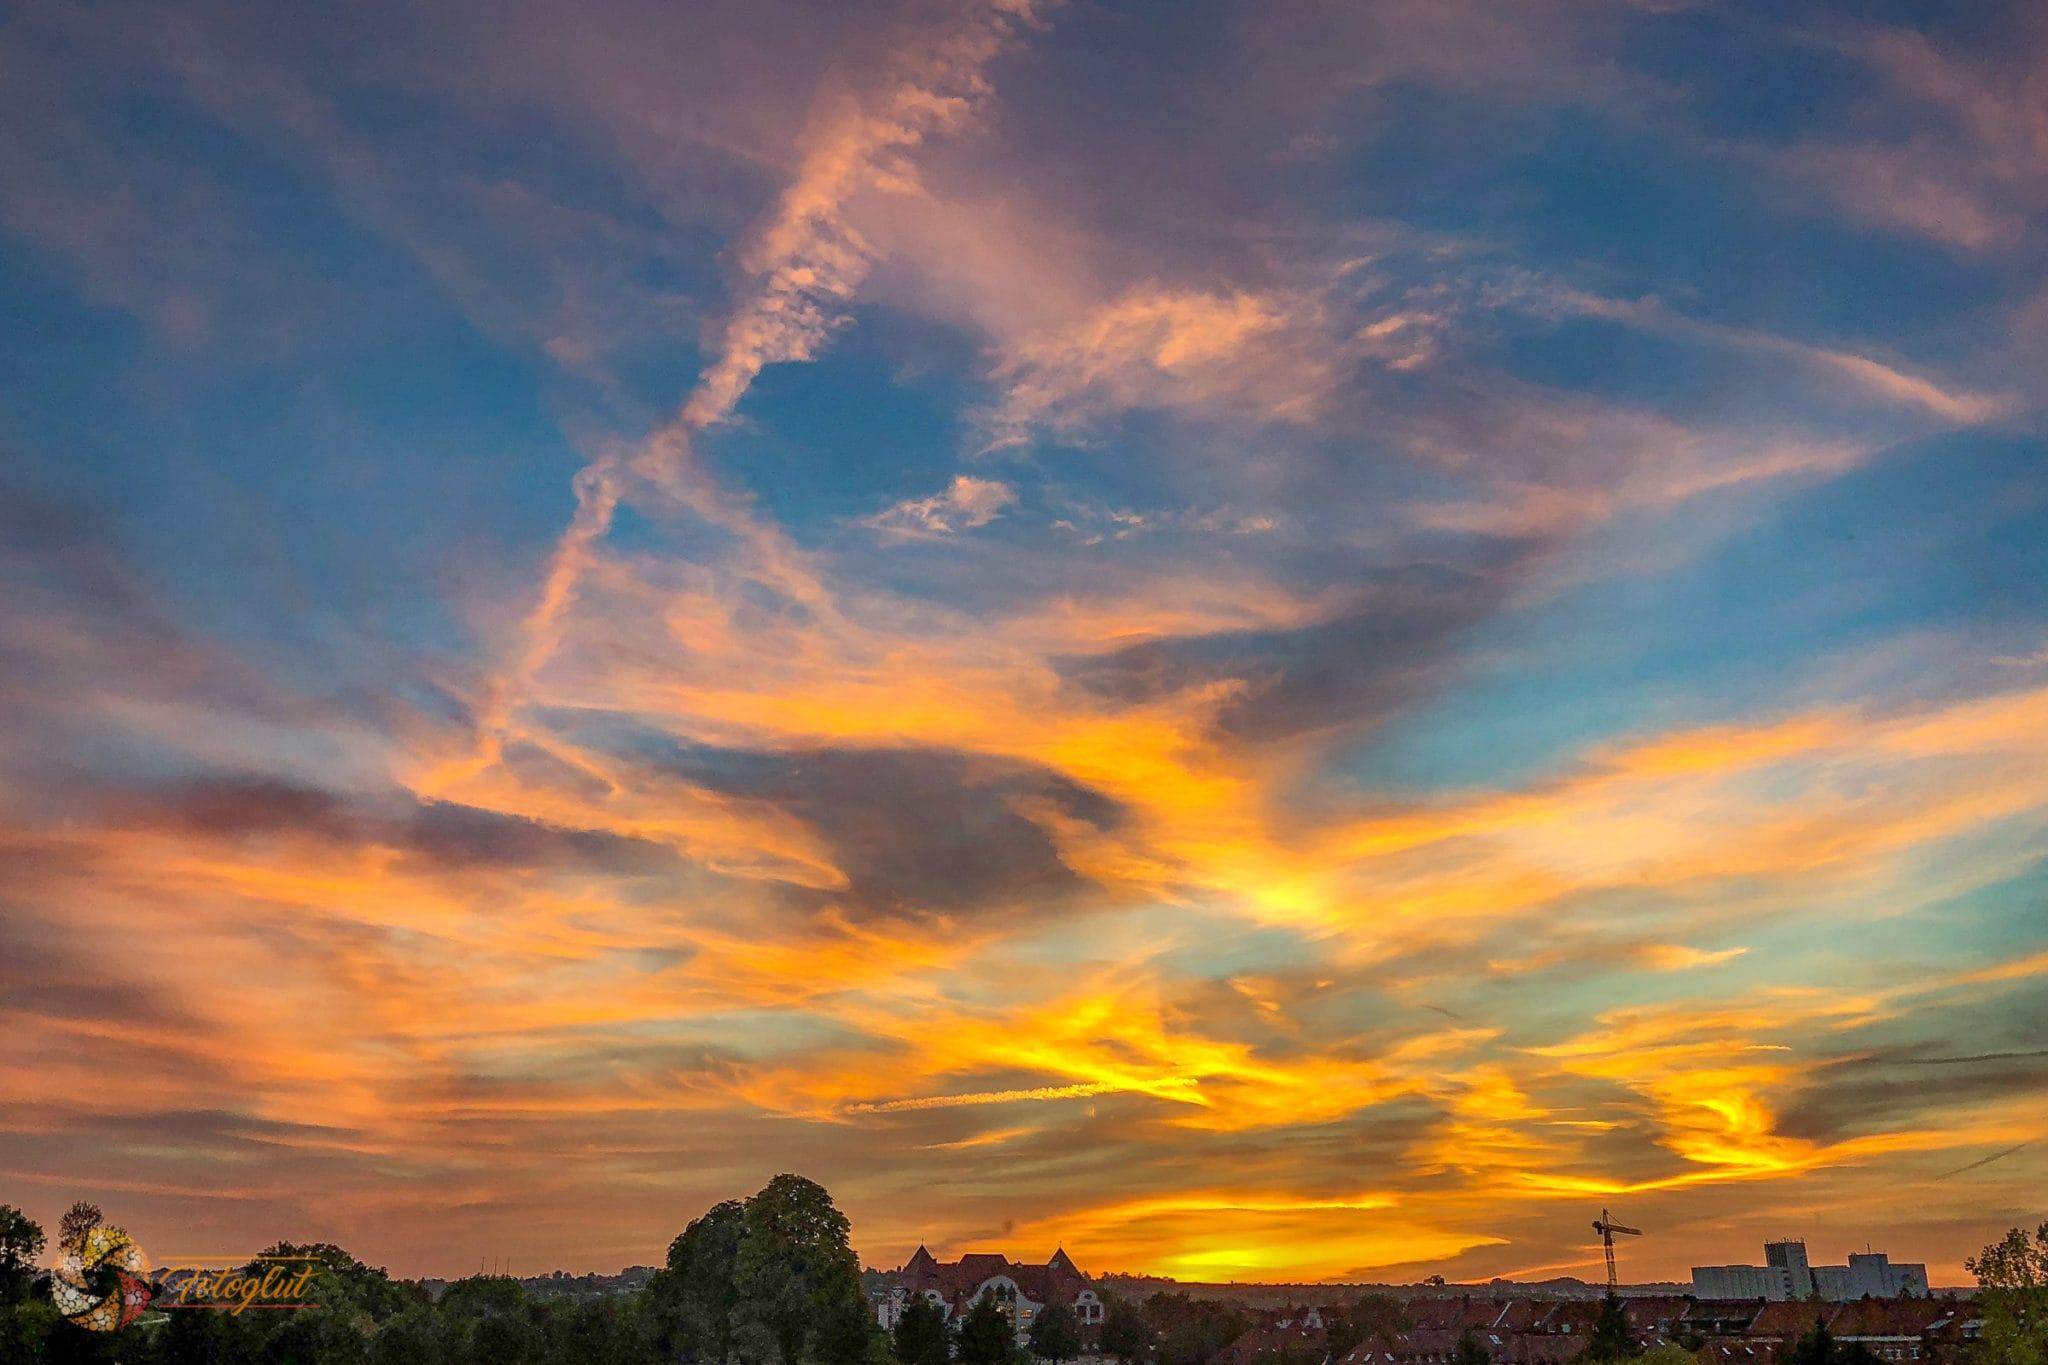 Sonnenuntergang - © Michael Stollmann